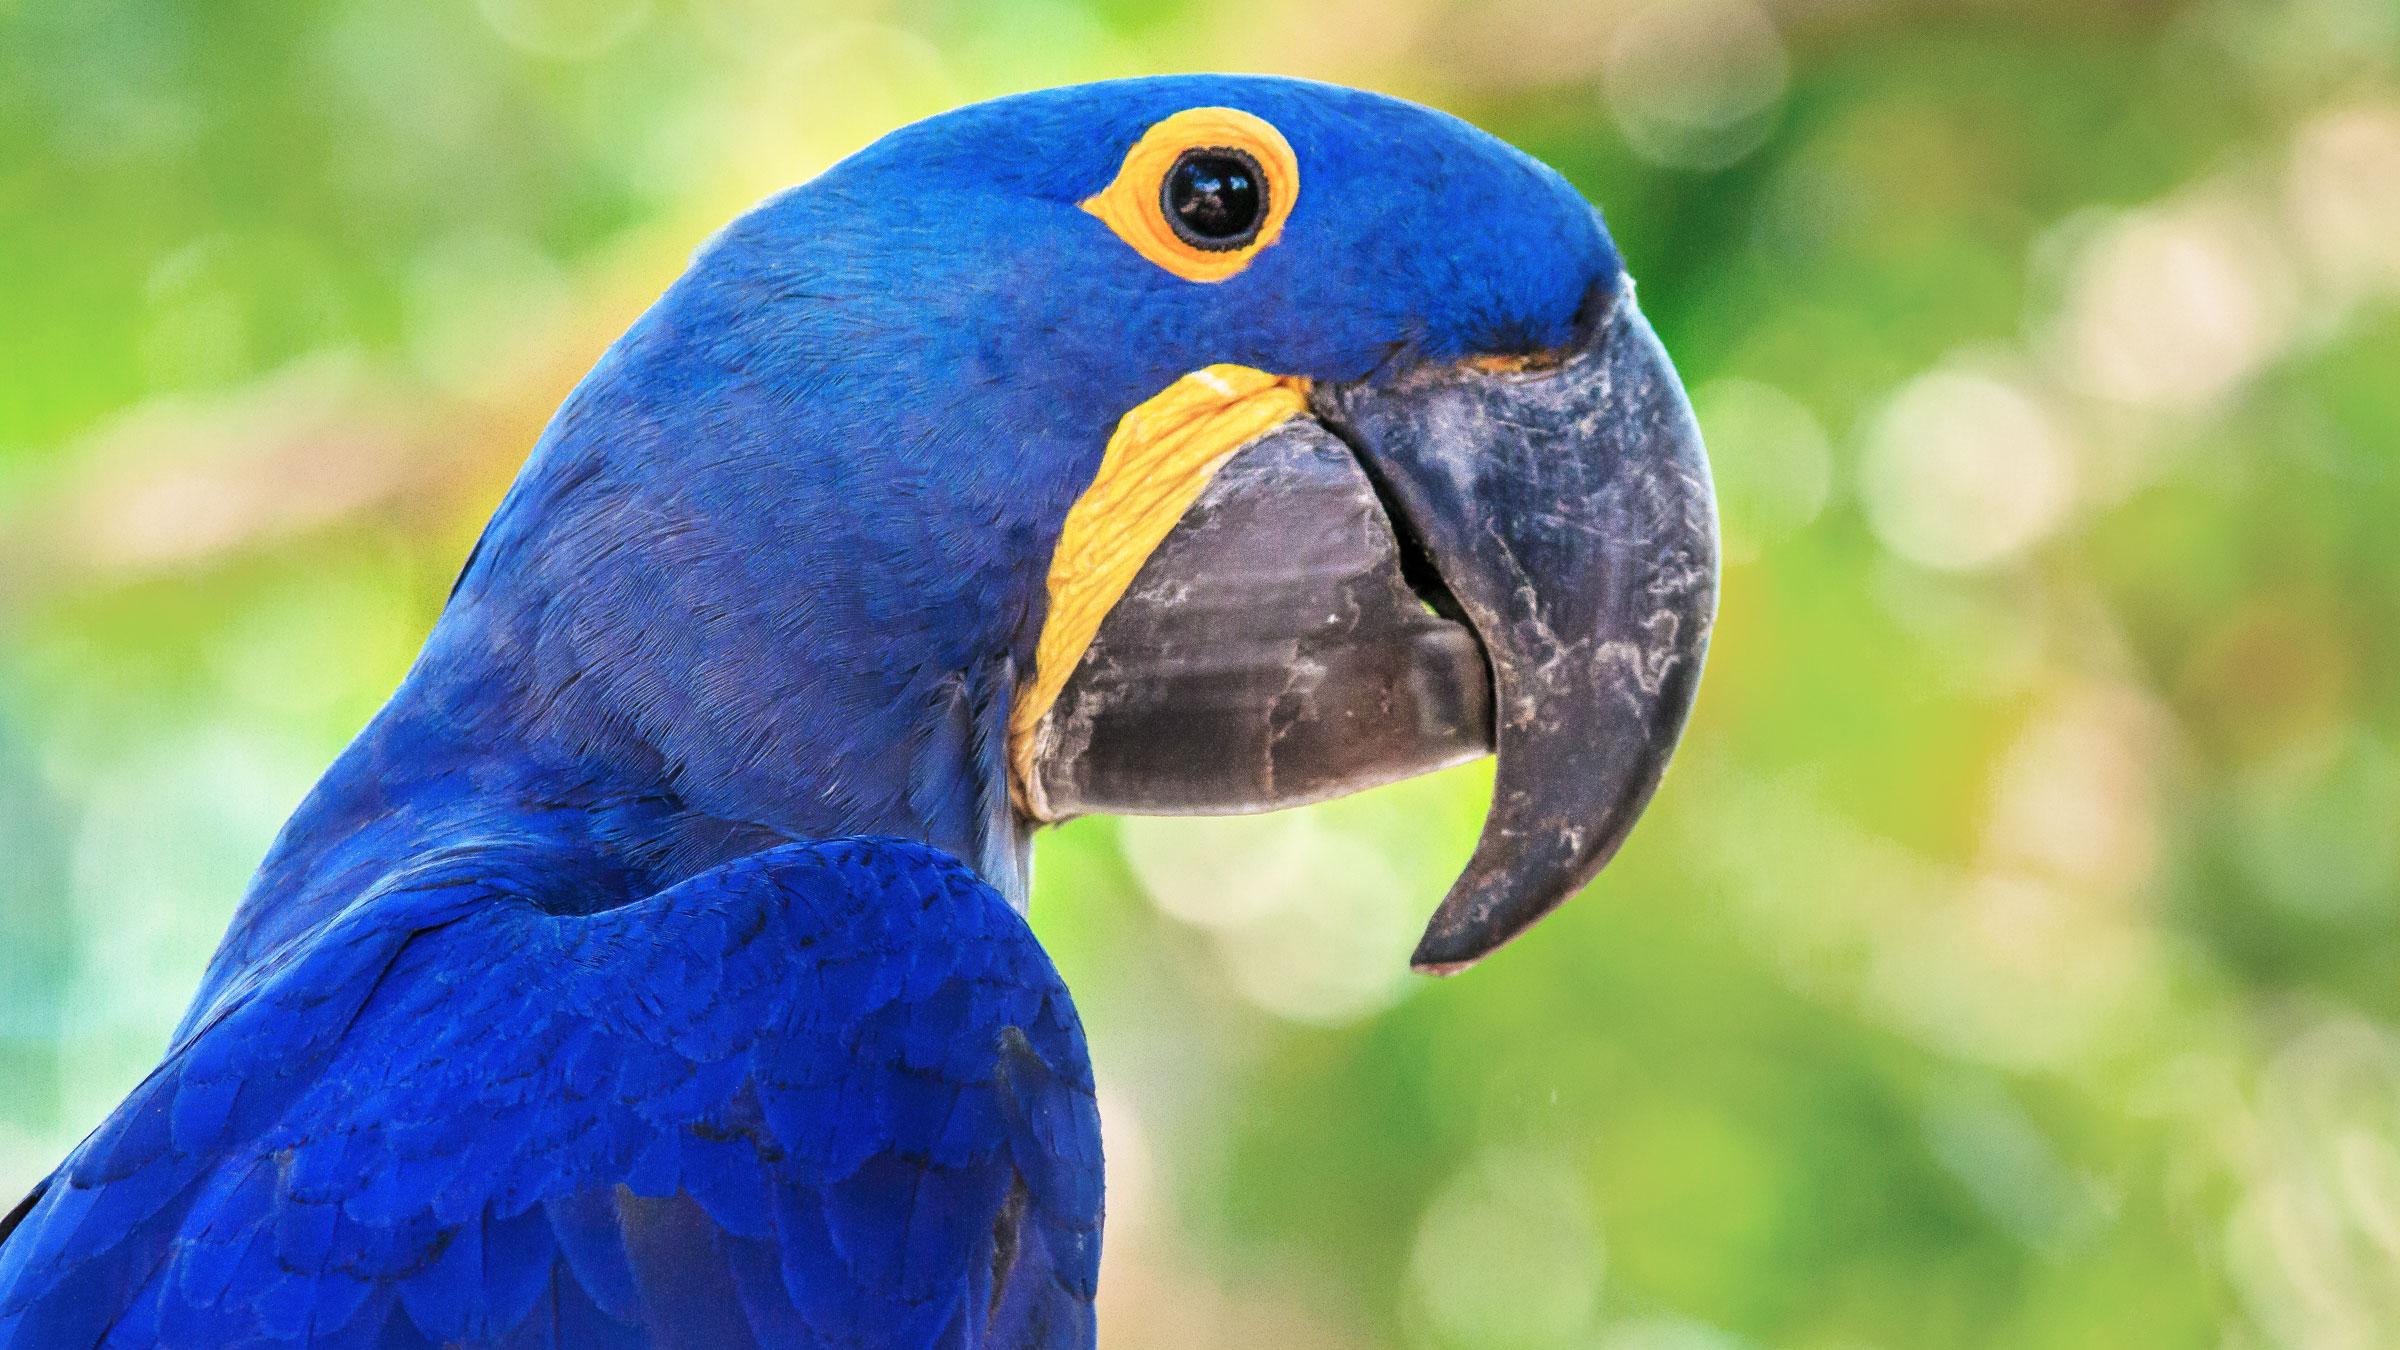 Parrots Among Most-Threatened Bird Groups | Audubon